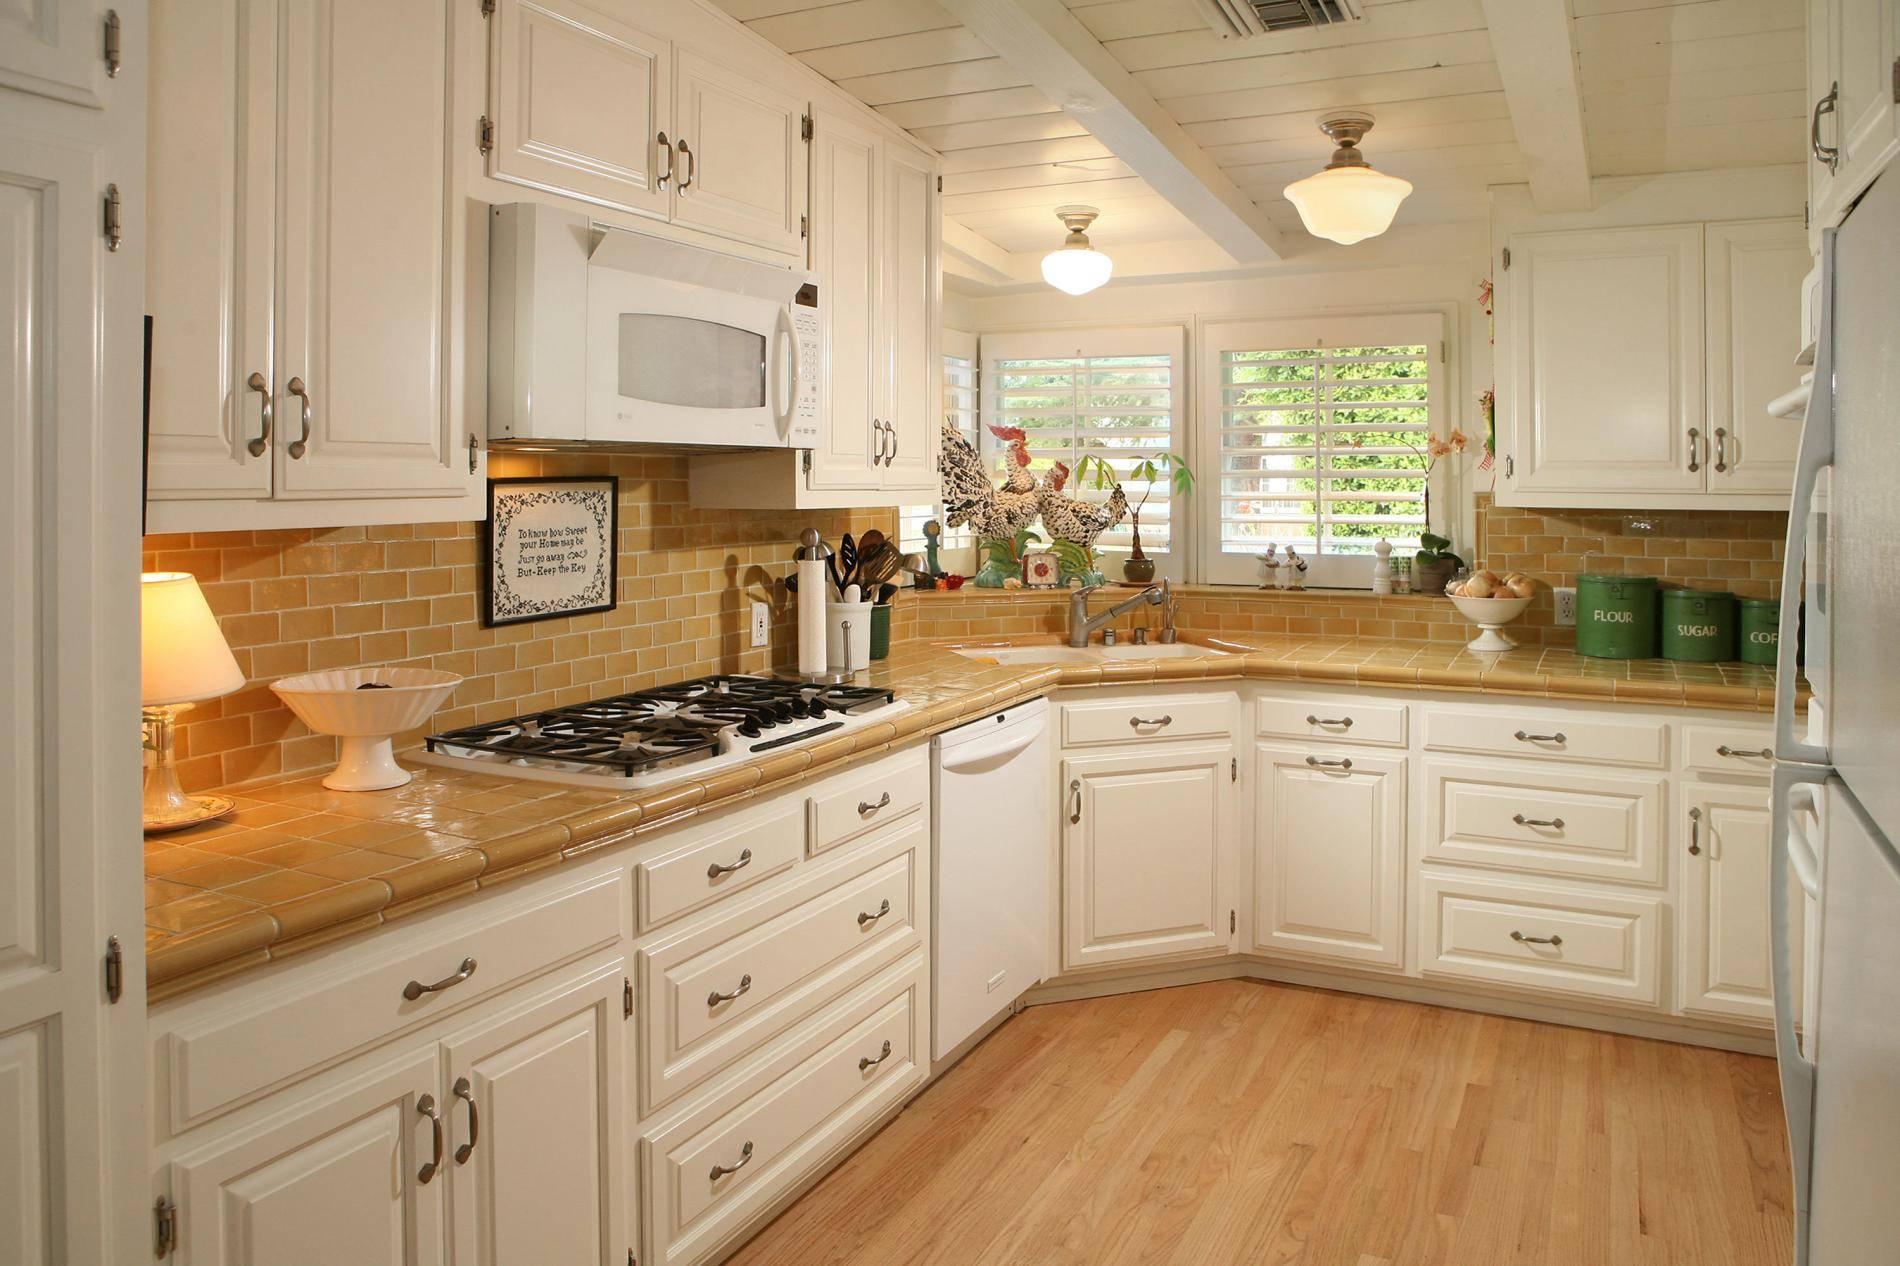 Ceramic Tile Kitchen Backsplash Ideas House Remodeling